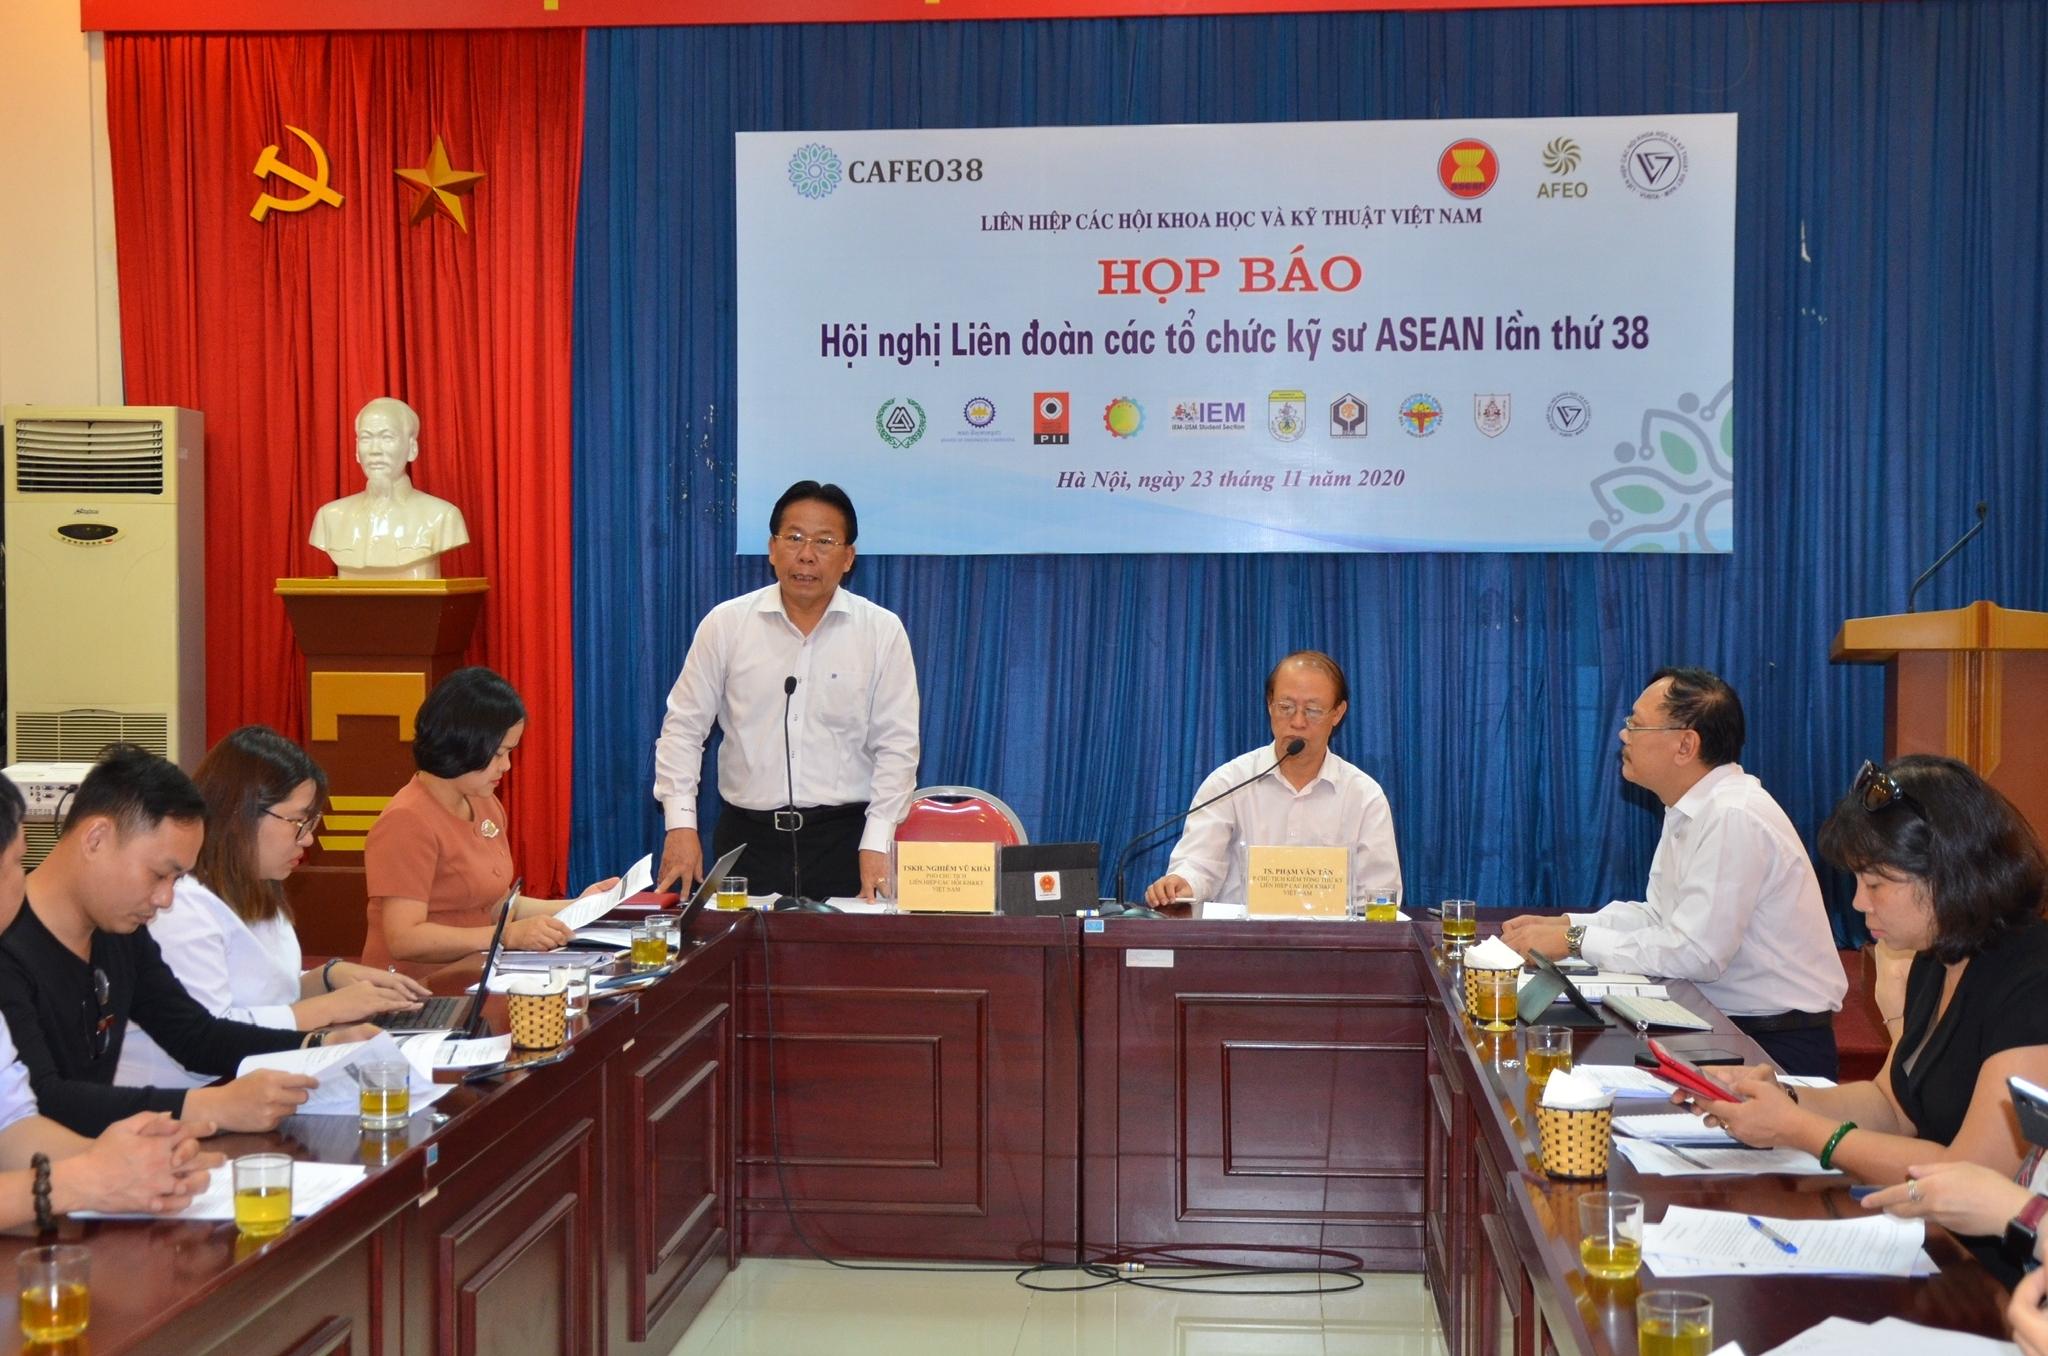 112 cá nhân được nhận chứng chỉ kỹ sư chuyên nghiệp ASEAN